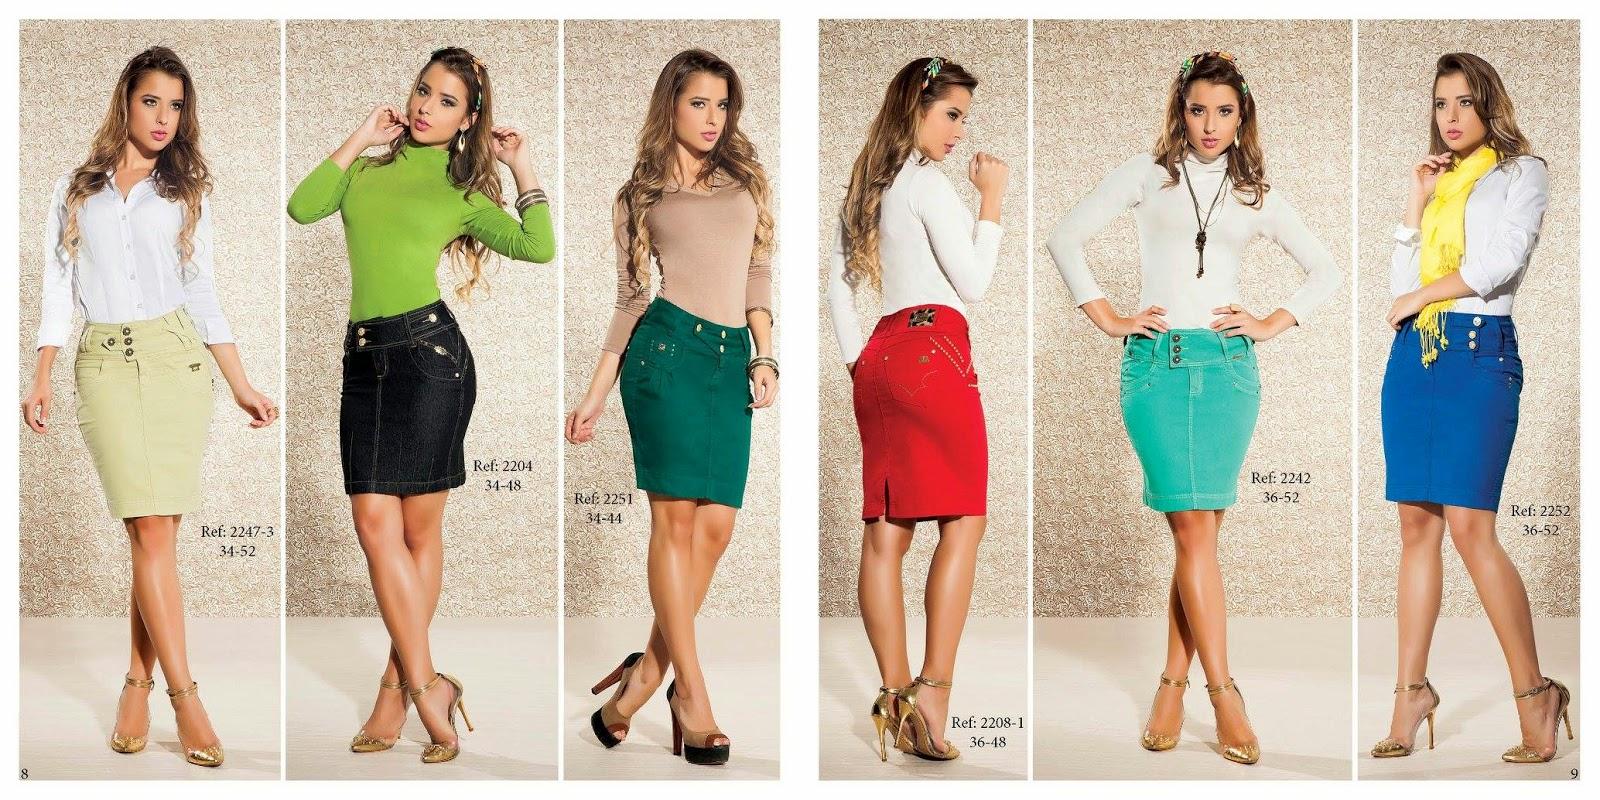 fb7eccece5 Moda evangelica primavera verão - Blog Cantinho Ju Tavares